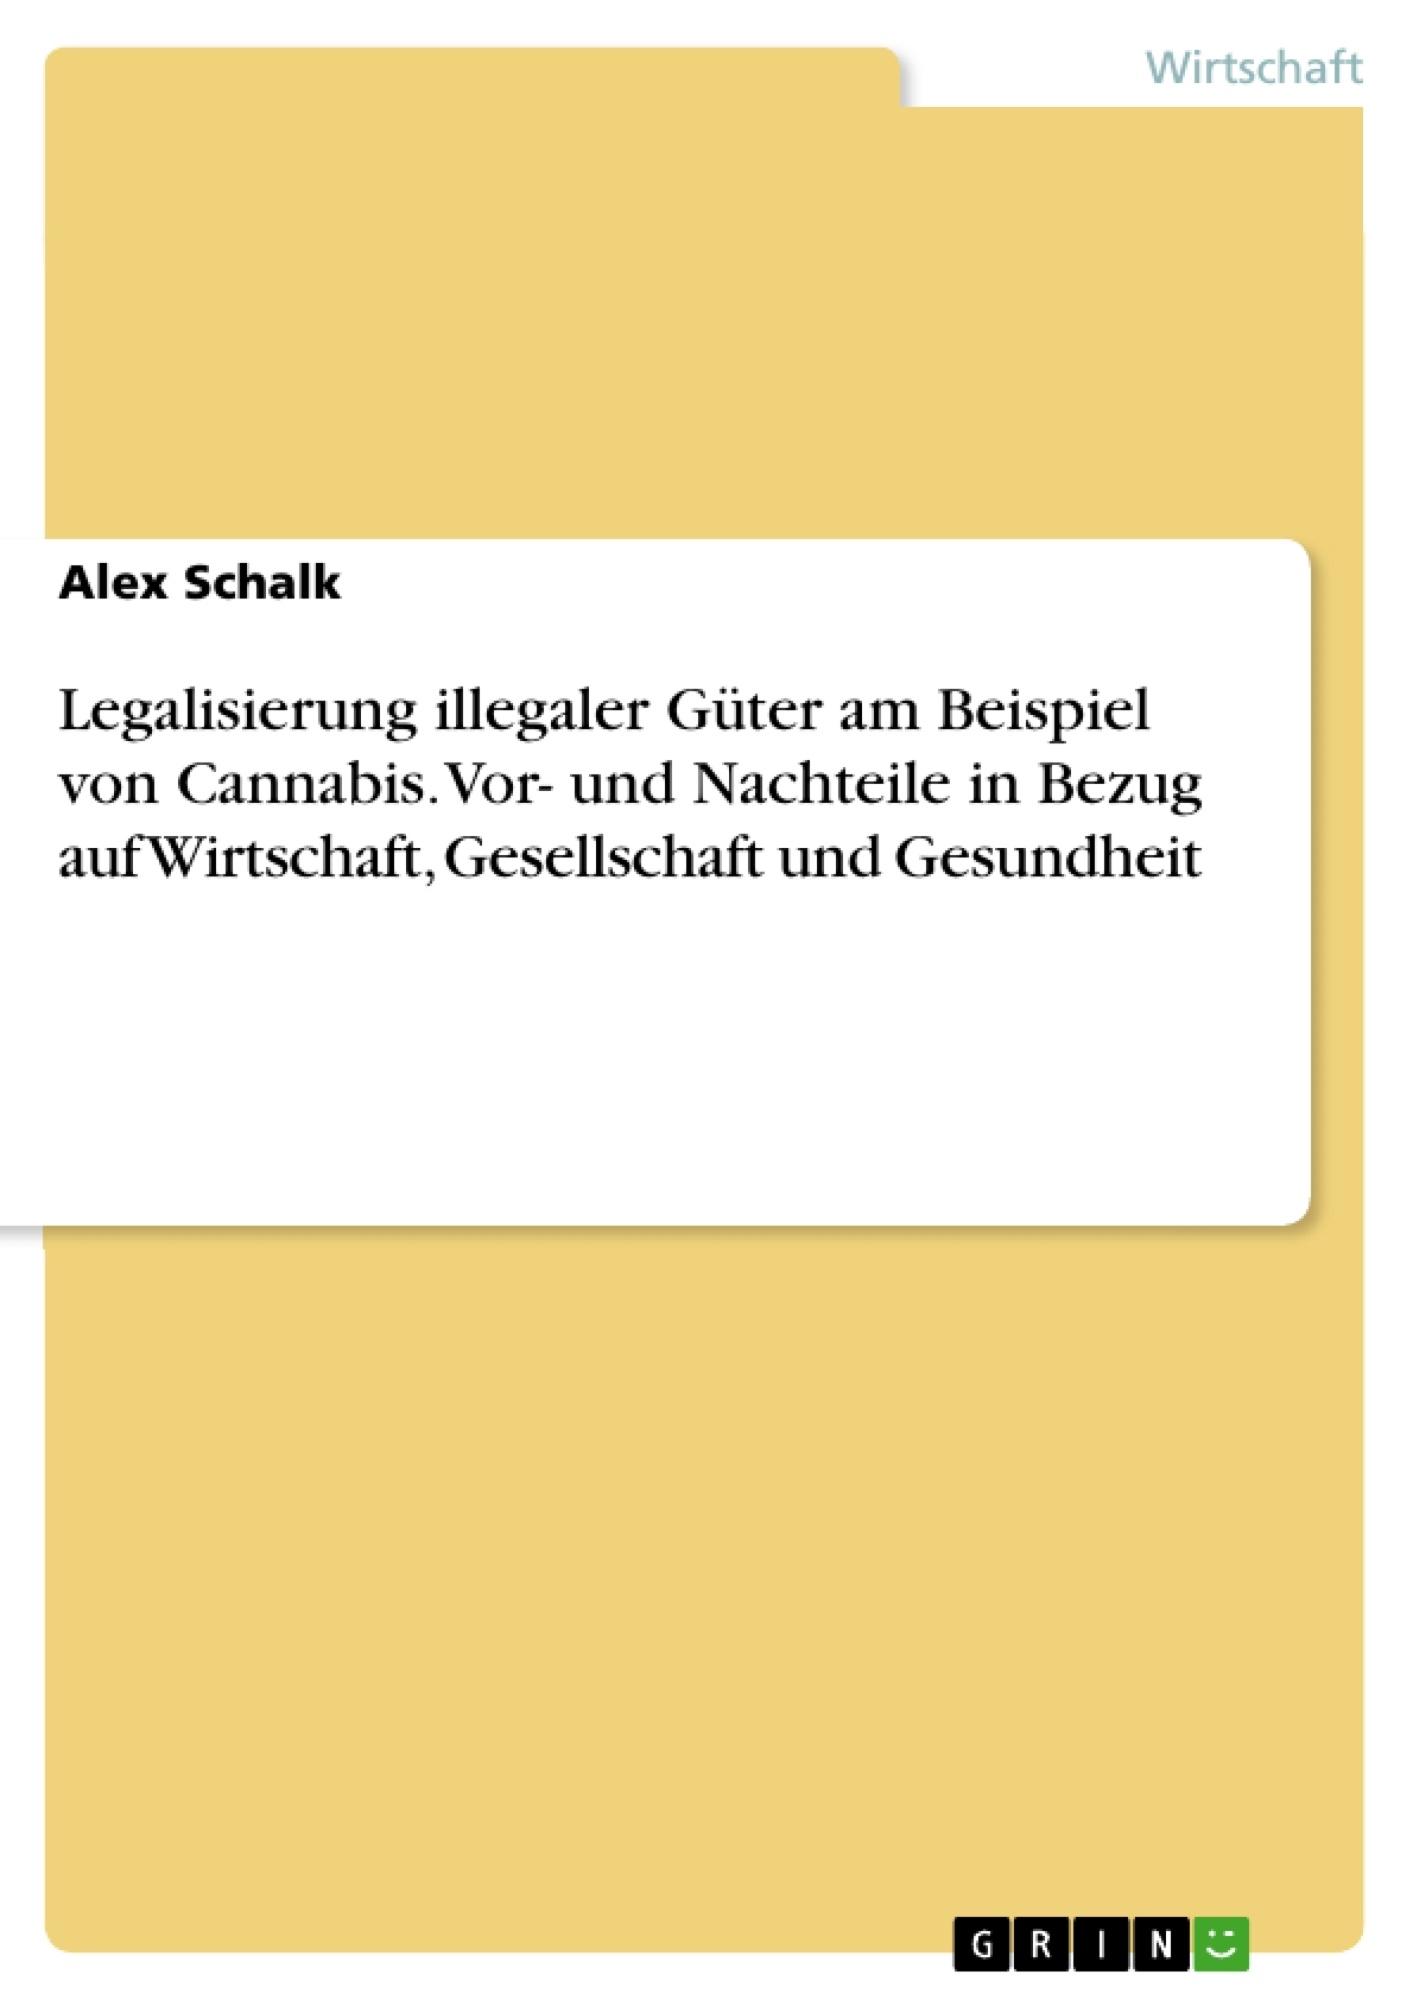 Titel: Legalisierung illegaler Güter am Beispiel von Cannabis. Vor- und Nachteile in Bezug auf Wirtschaft, Gesellschaft und Gesundheit